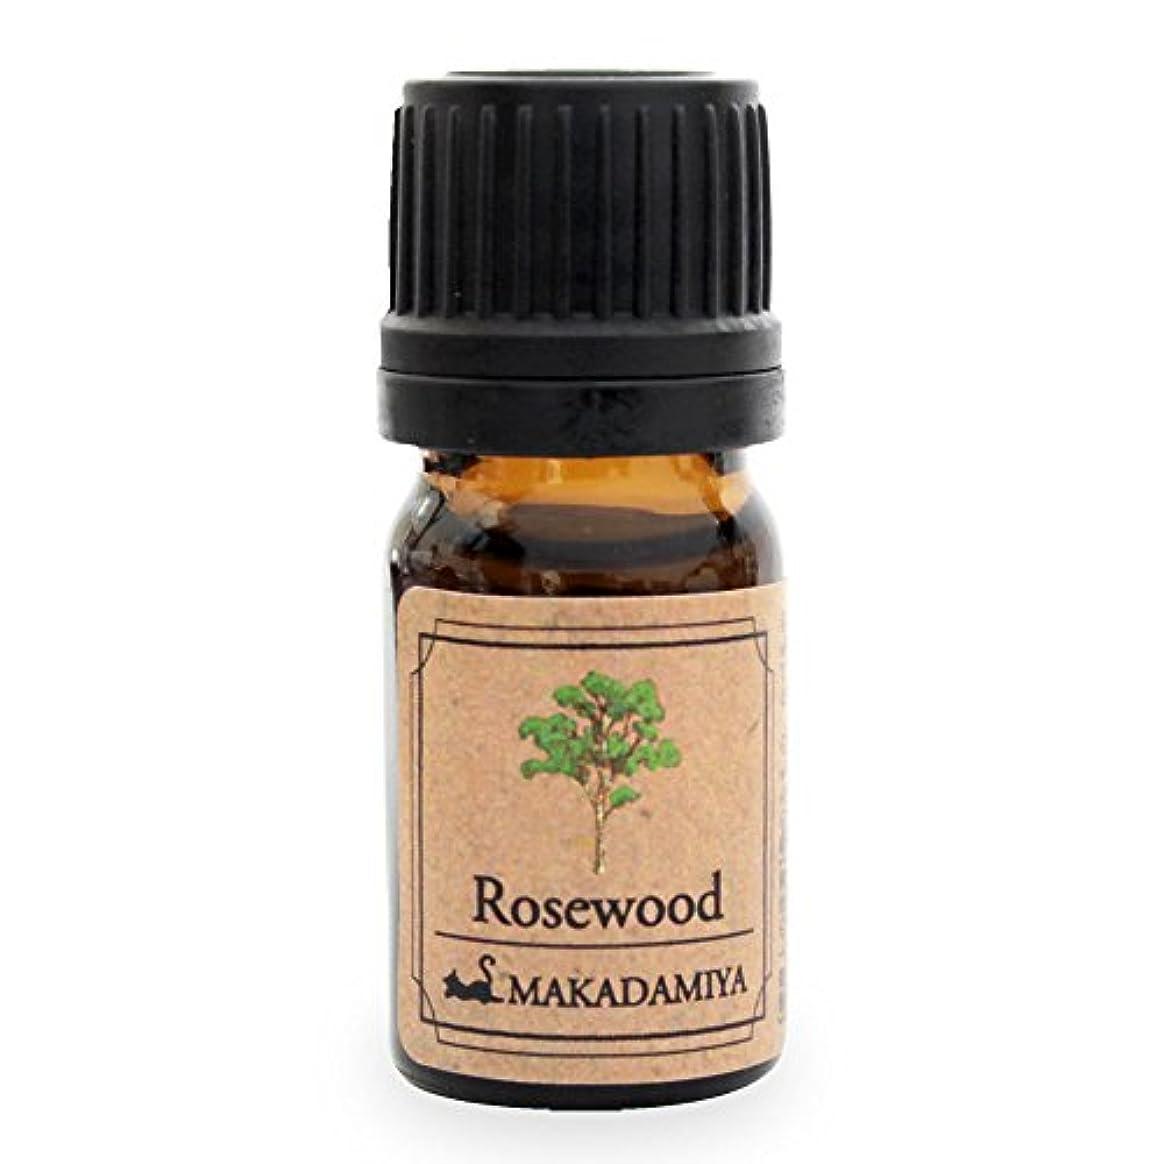 ビュッフェ韓国語クリエイティブローズウッド5ml 天然100%植物性 エッセンシャルオイル(精油) アロマオイル アロママッサージ aroma Rosewood